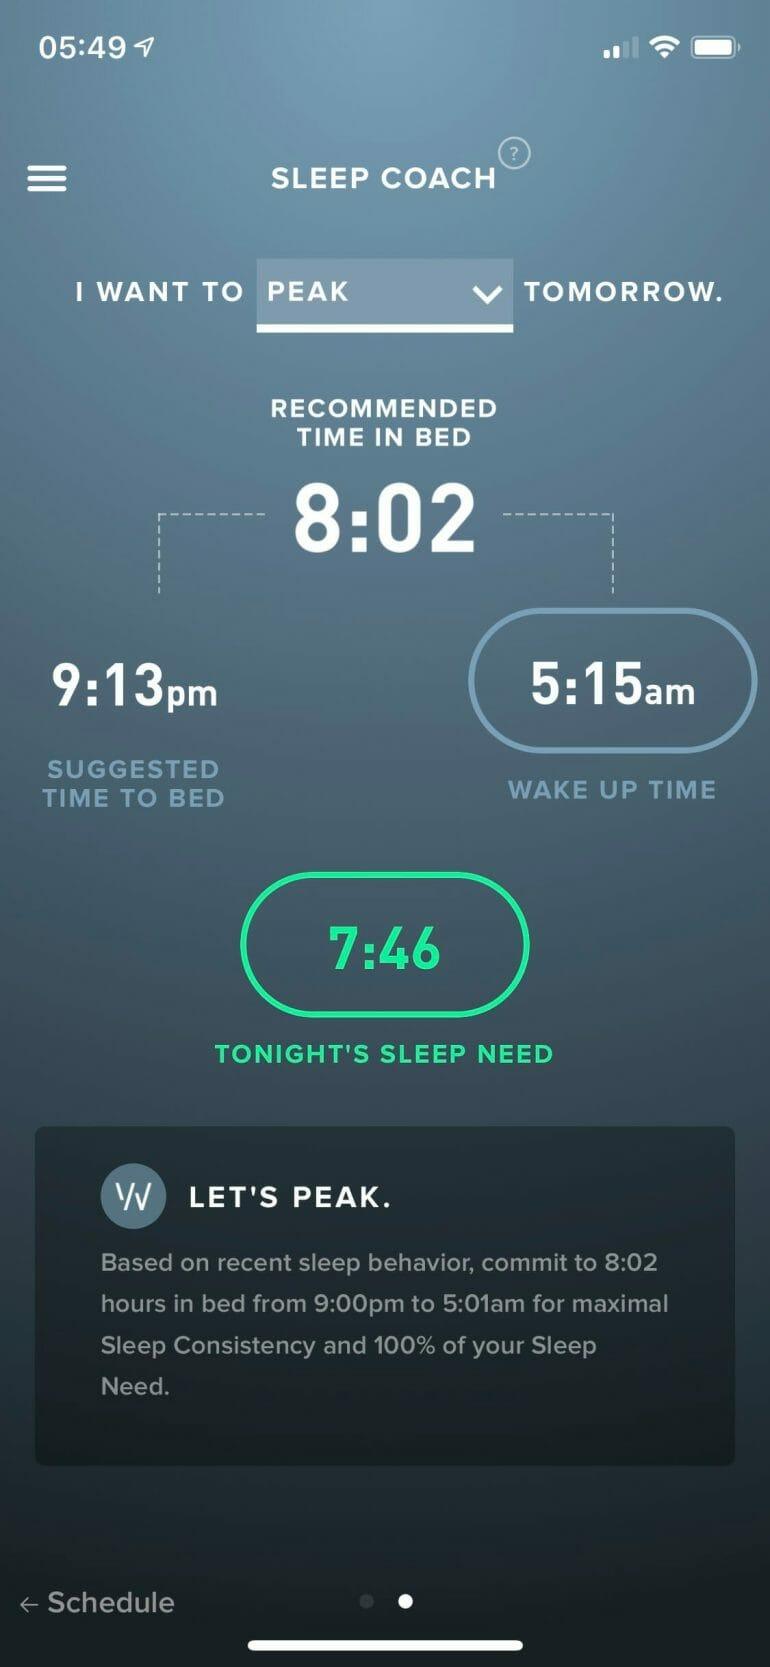 WHOOP App Sleep Coach